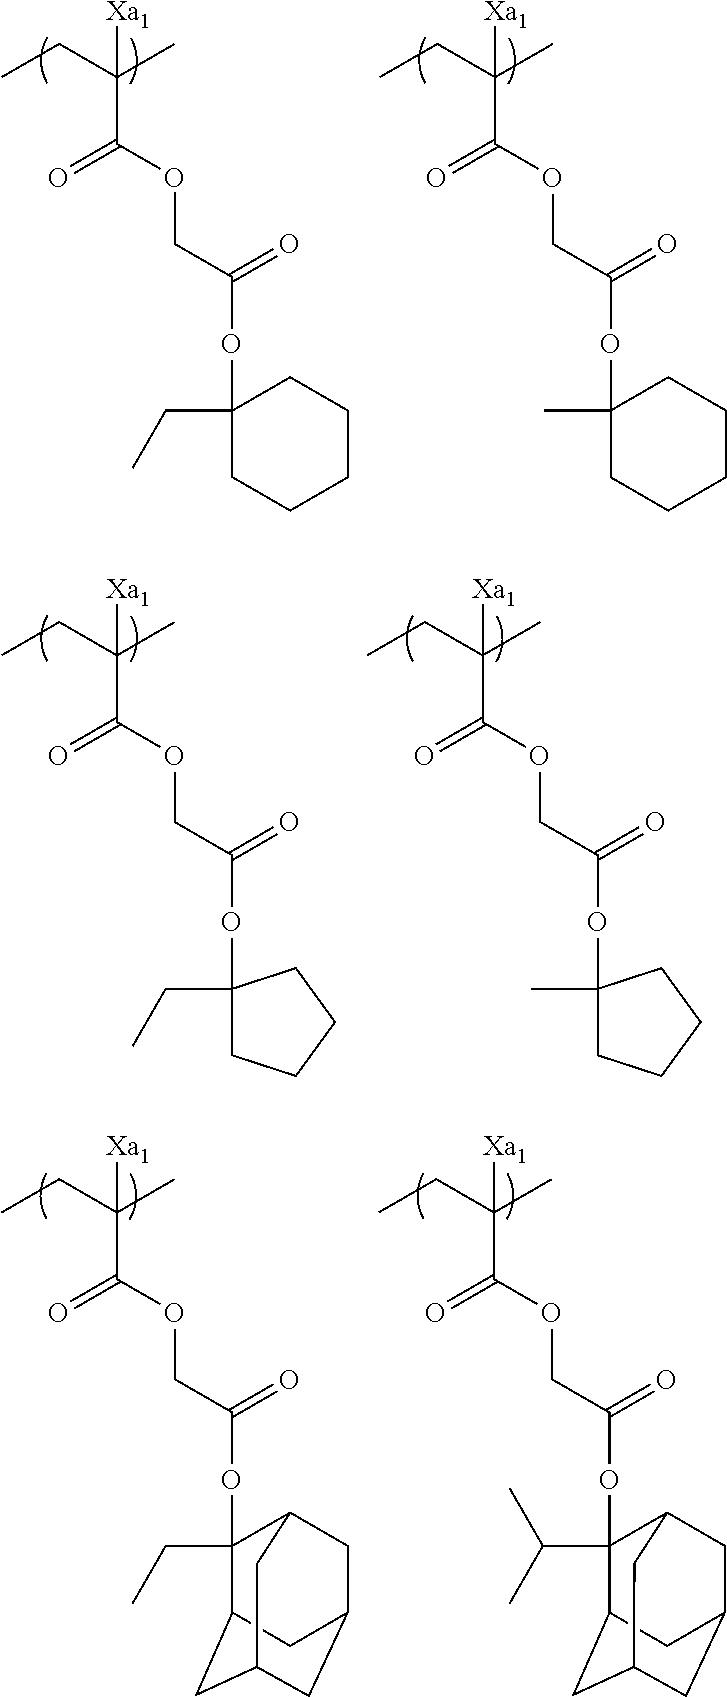 Figure US20110183258A1-20110728-C00039